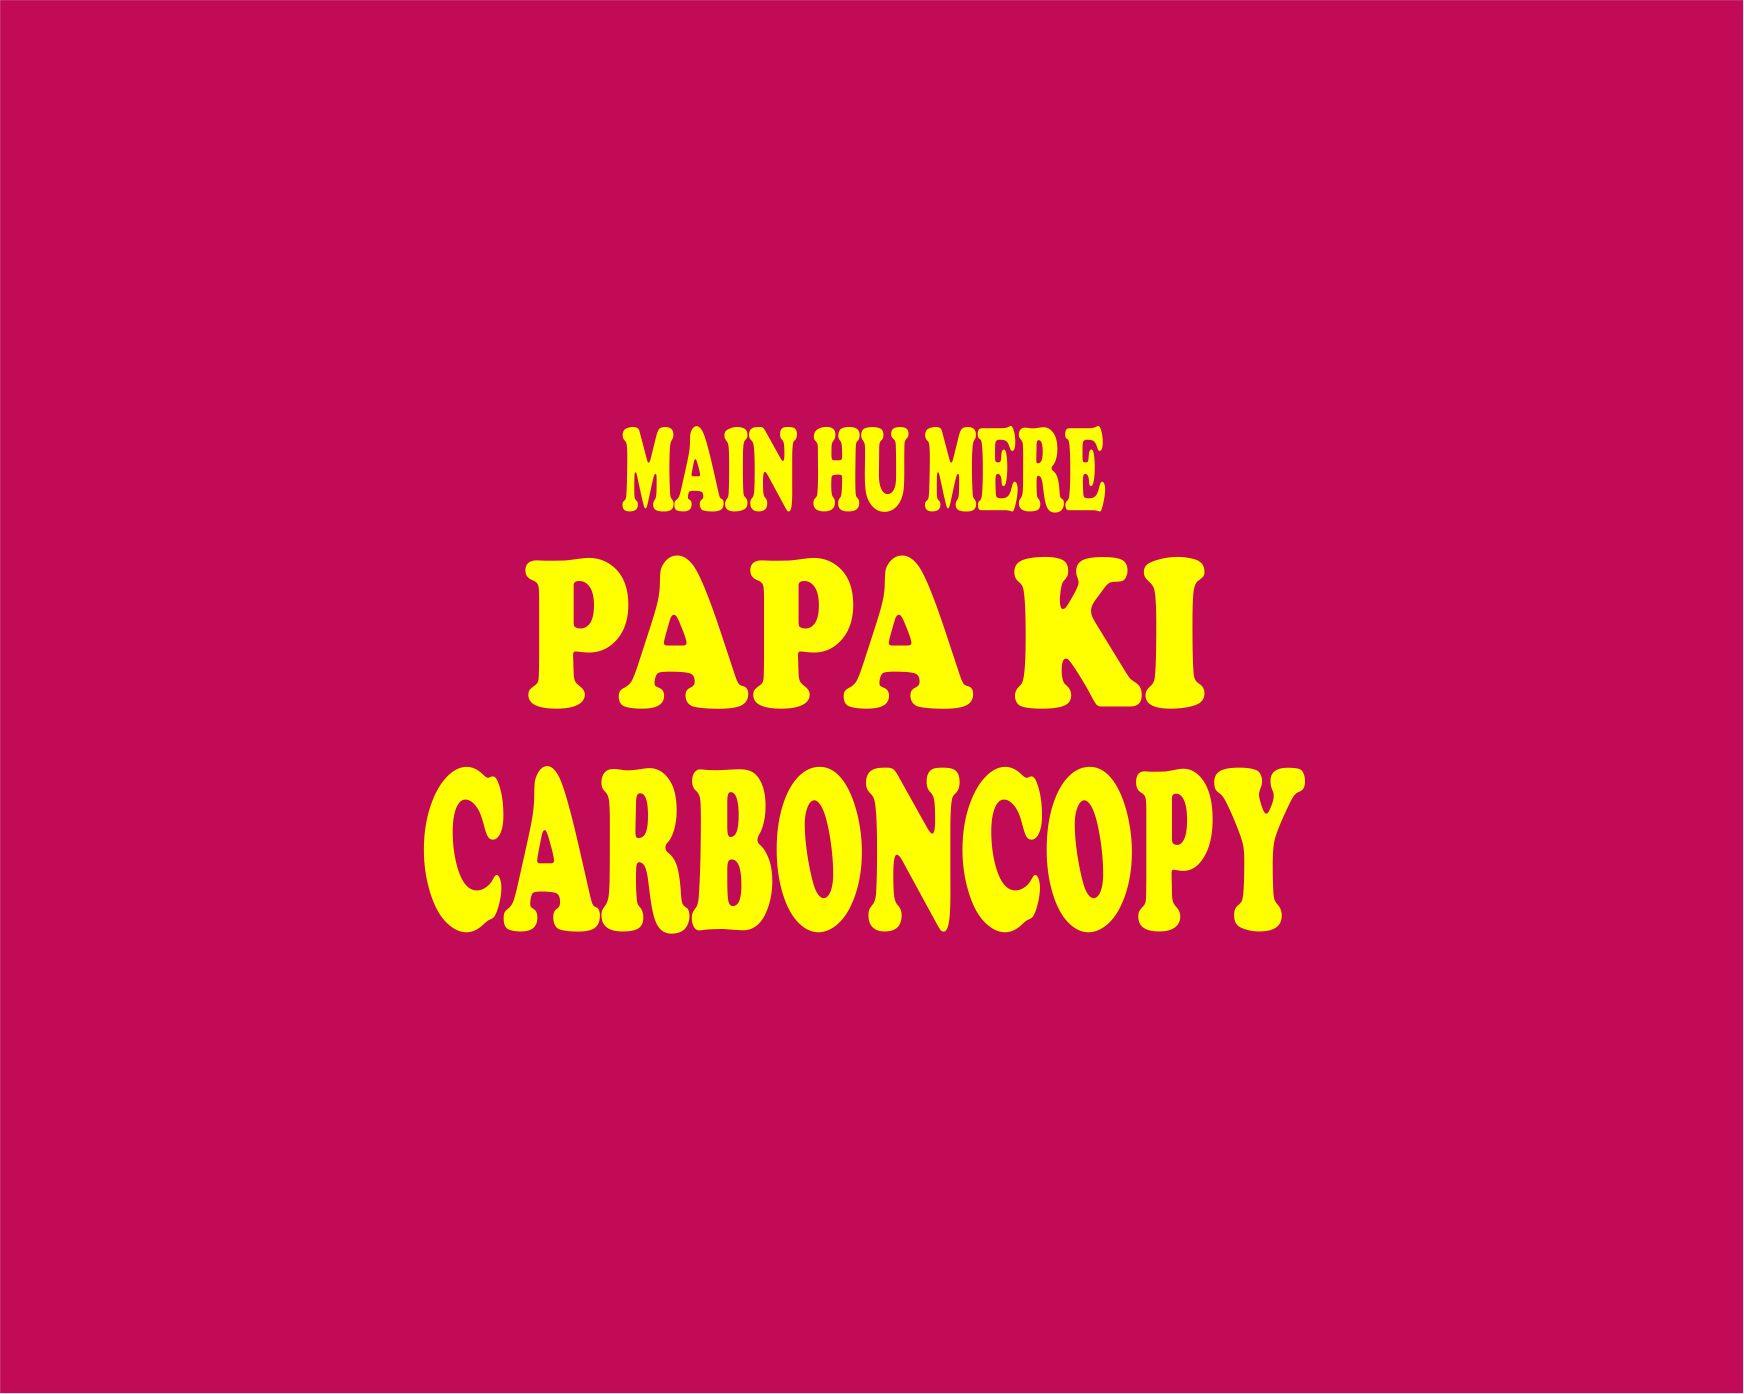 PAPA KI CARBONCOPY.jpg